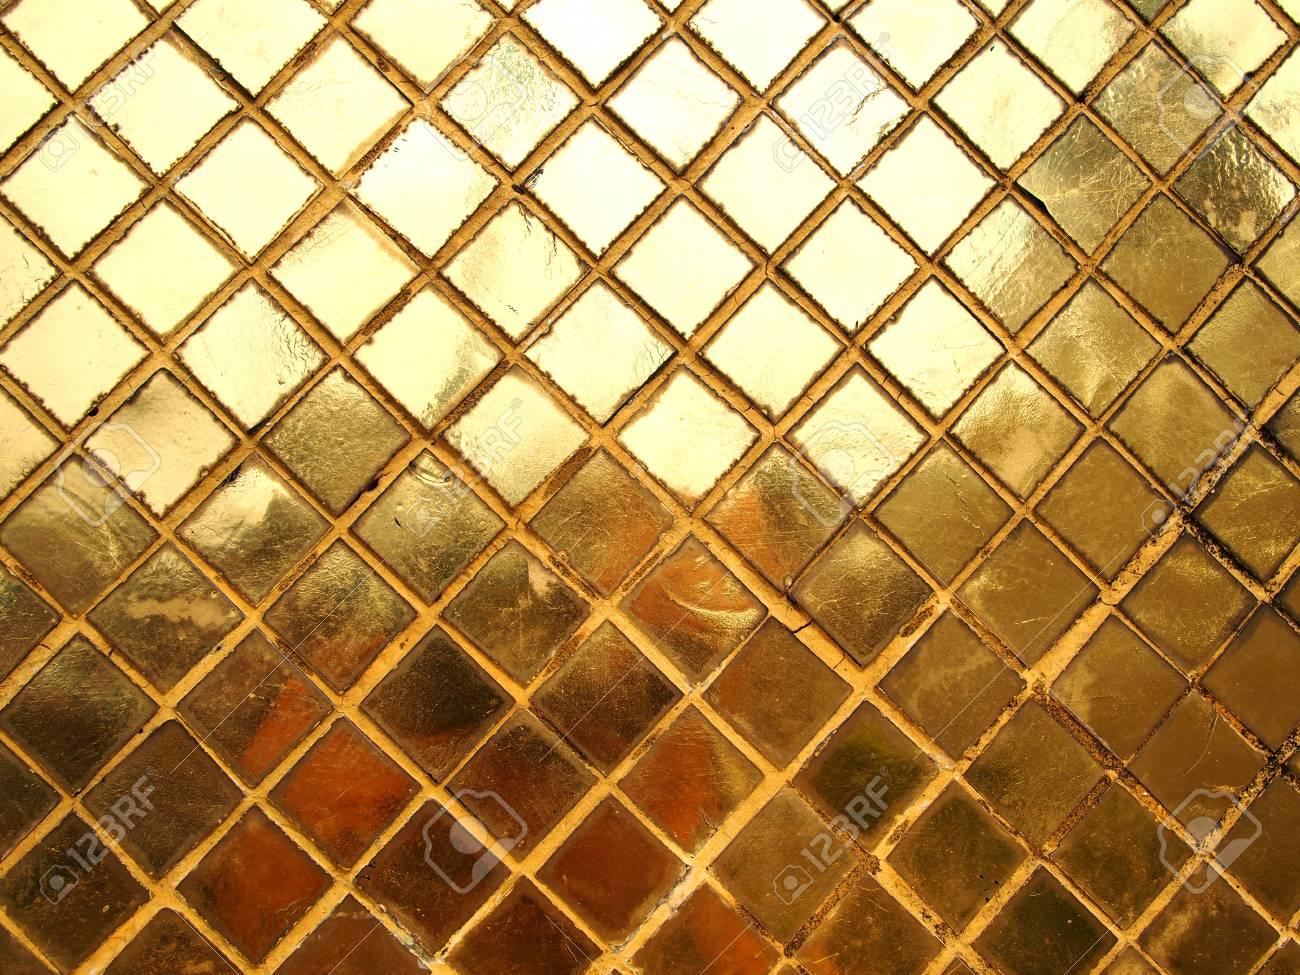 Gouden Mozaiek Tegels : Gouden mozaïek tegel textuur royalty vrije foto plaatjes beelden